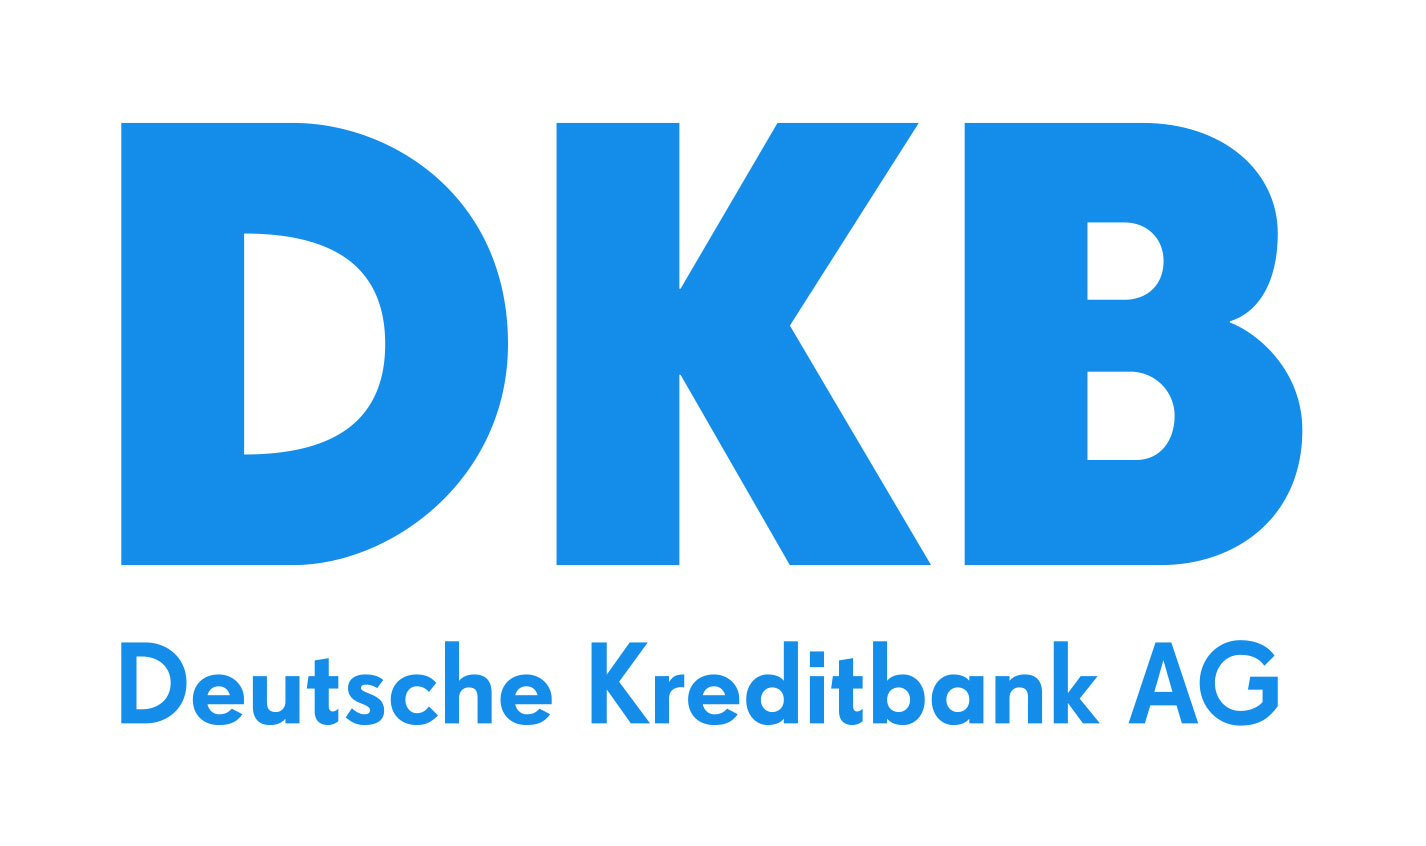 DKB Konto - Test & Erfahrungsberichte - bereits 13 Erfahrungsberichte online